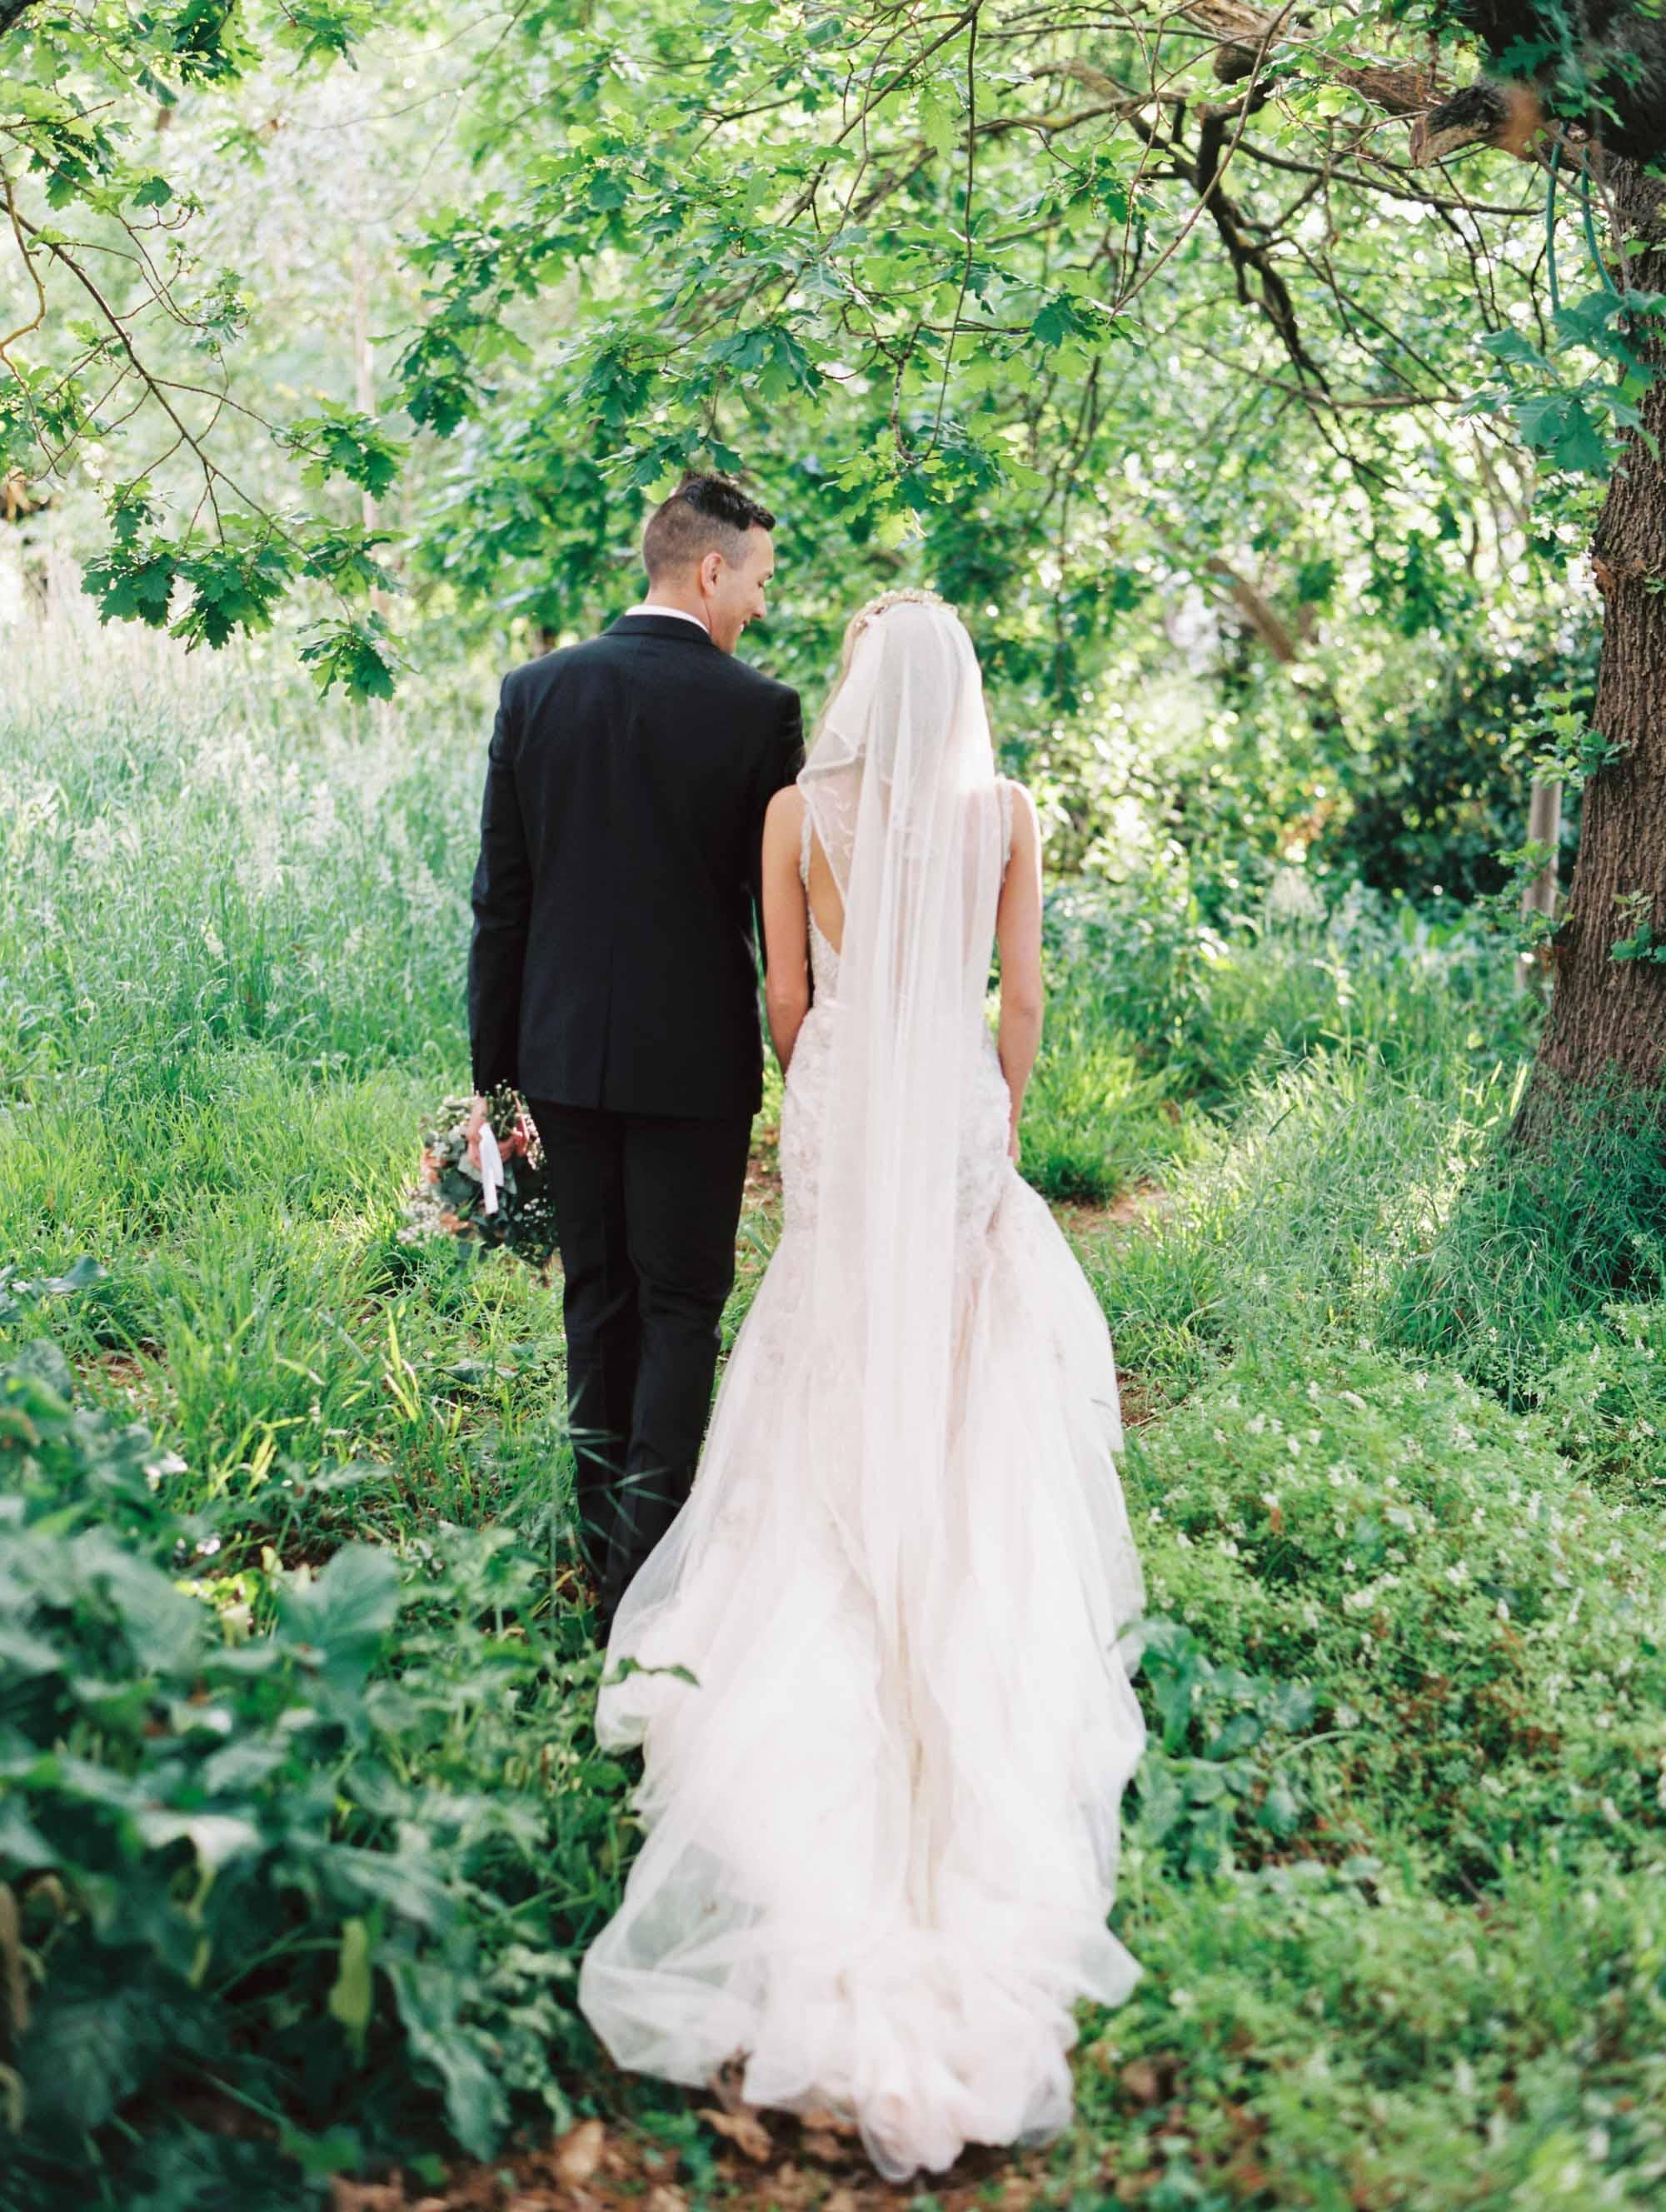 Whitehouse-hahndorf-wedding-photography-076.jpg